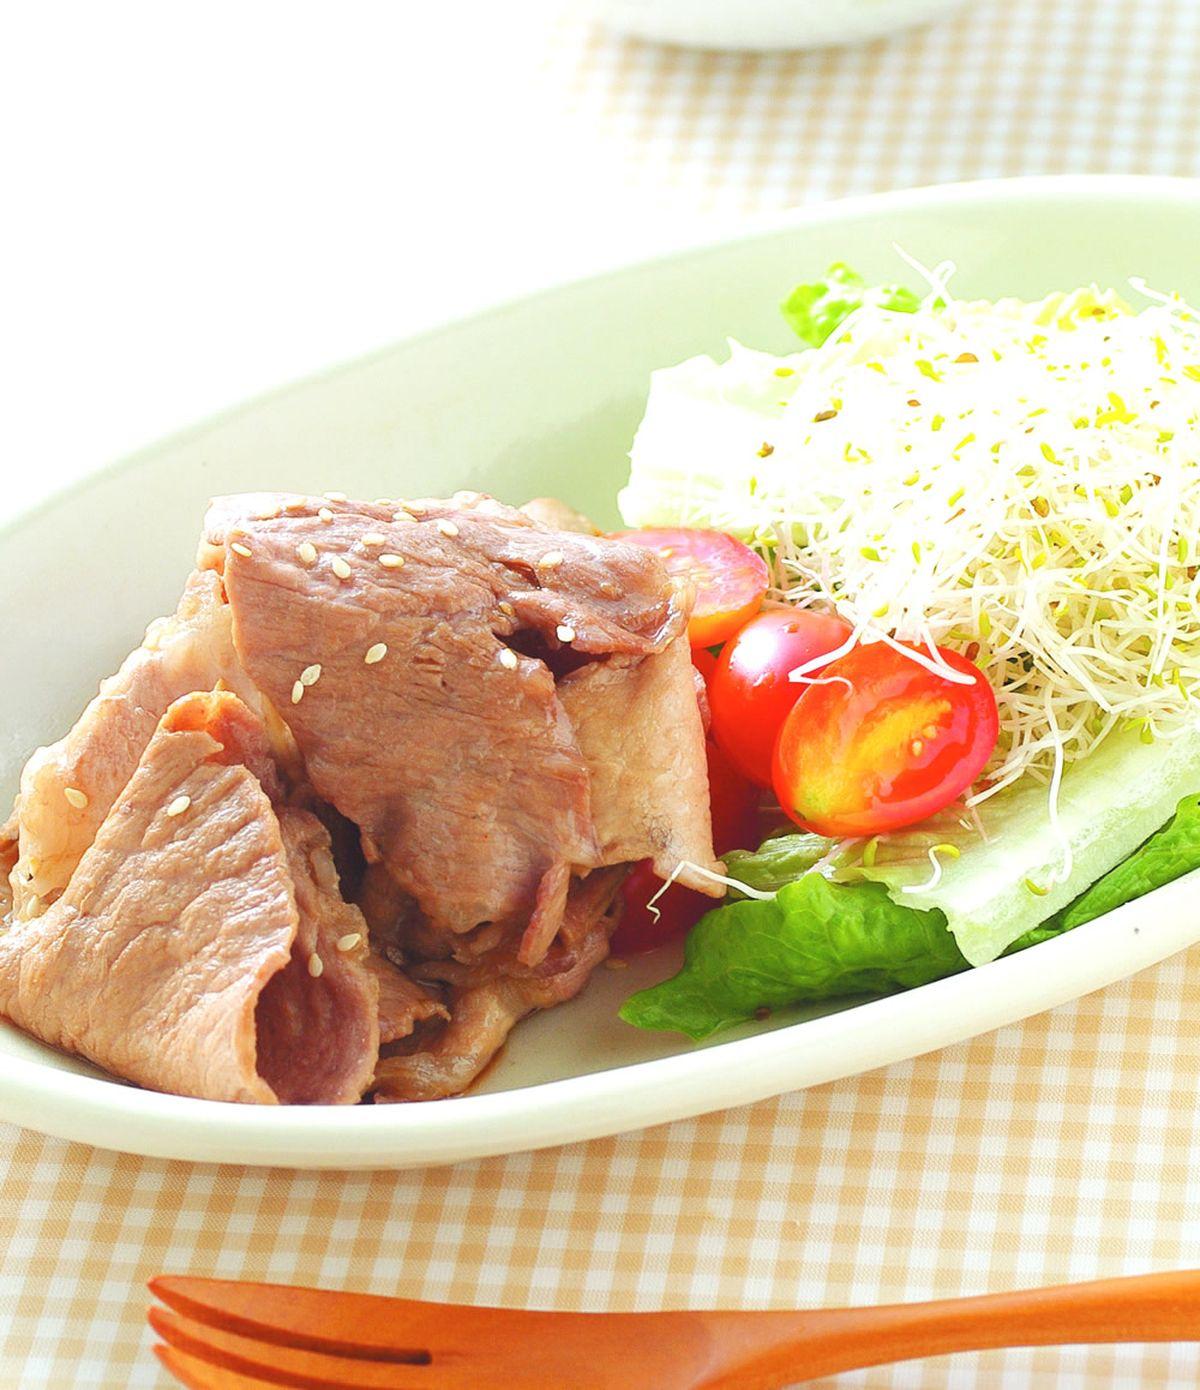 食譜:燒肉生菜沙拉